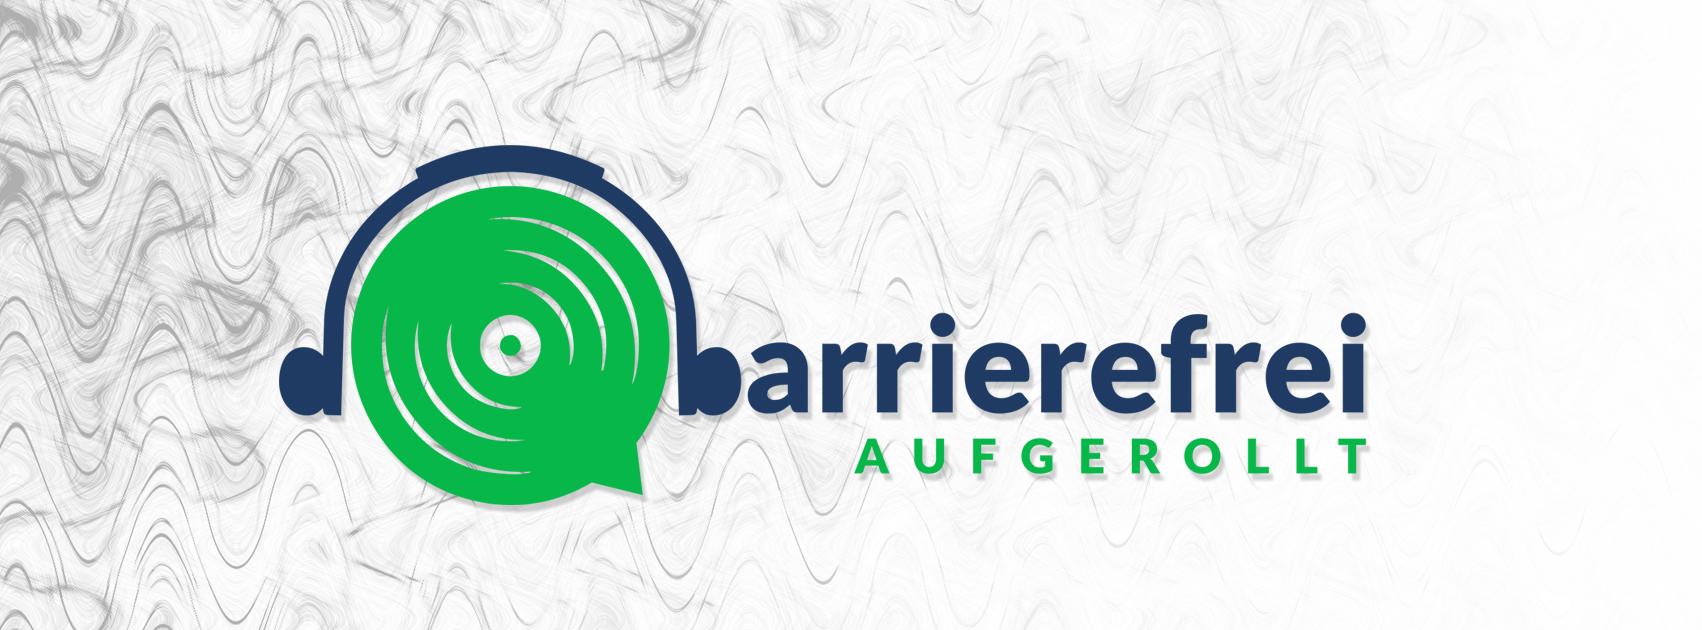 Logo barrierefrei aufgerollt